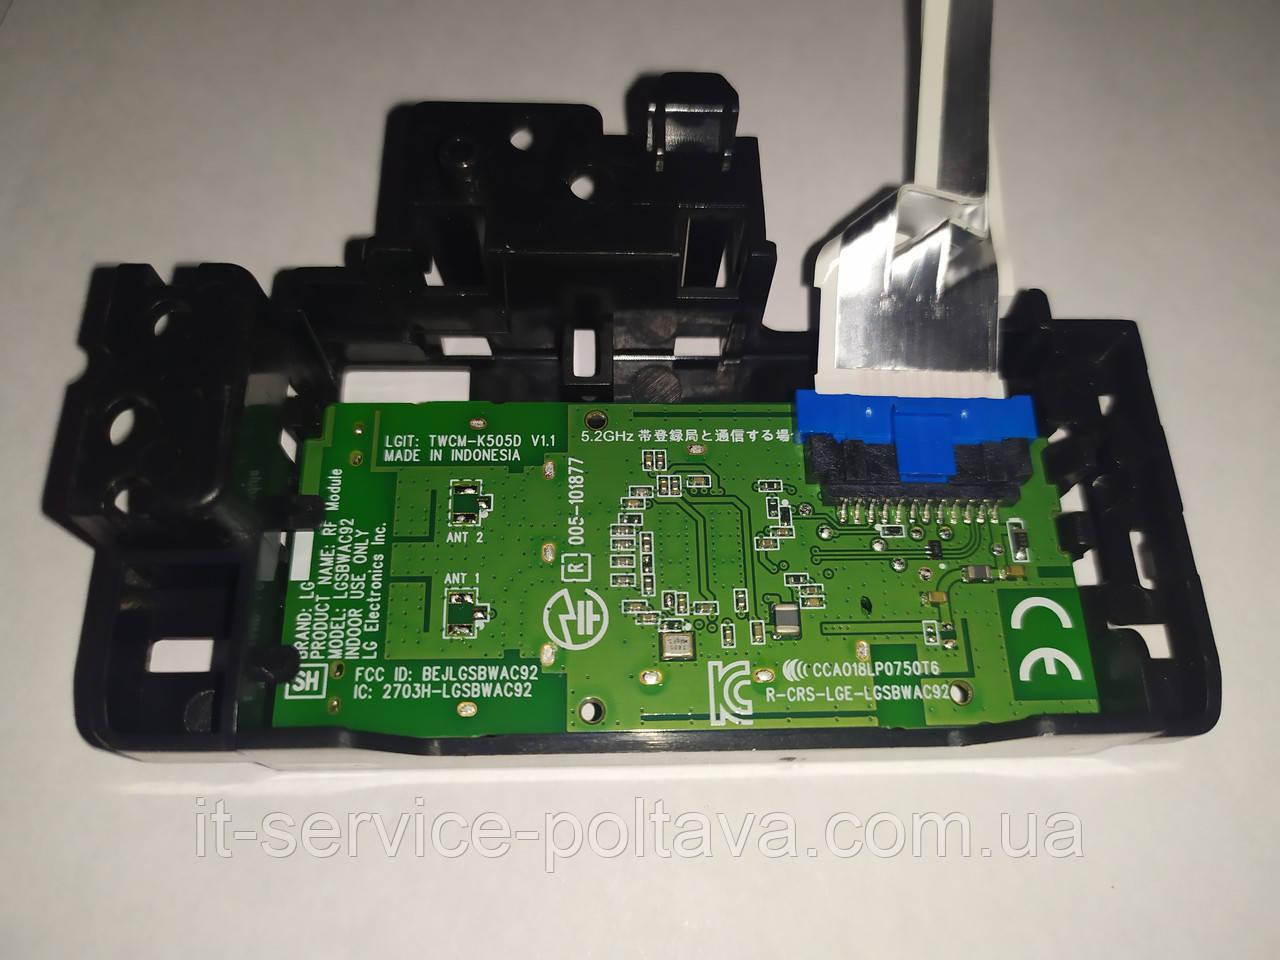 WiFi модуль 2703H-LGSBWAC92 для телевізора LG